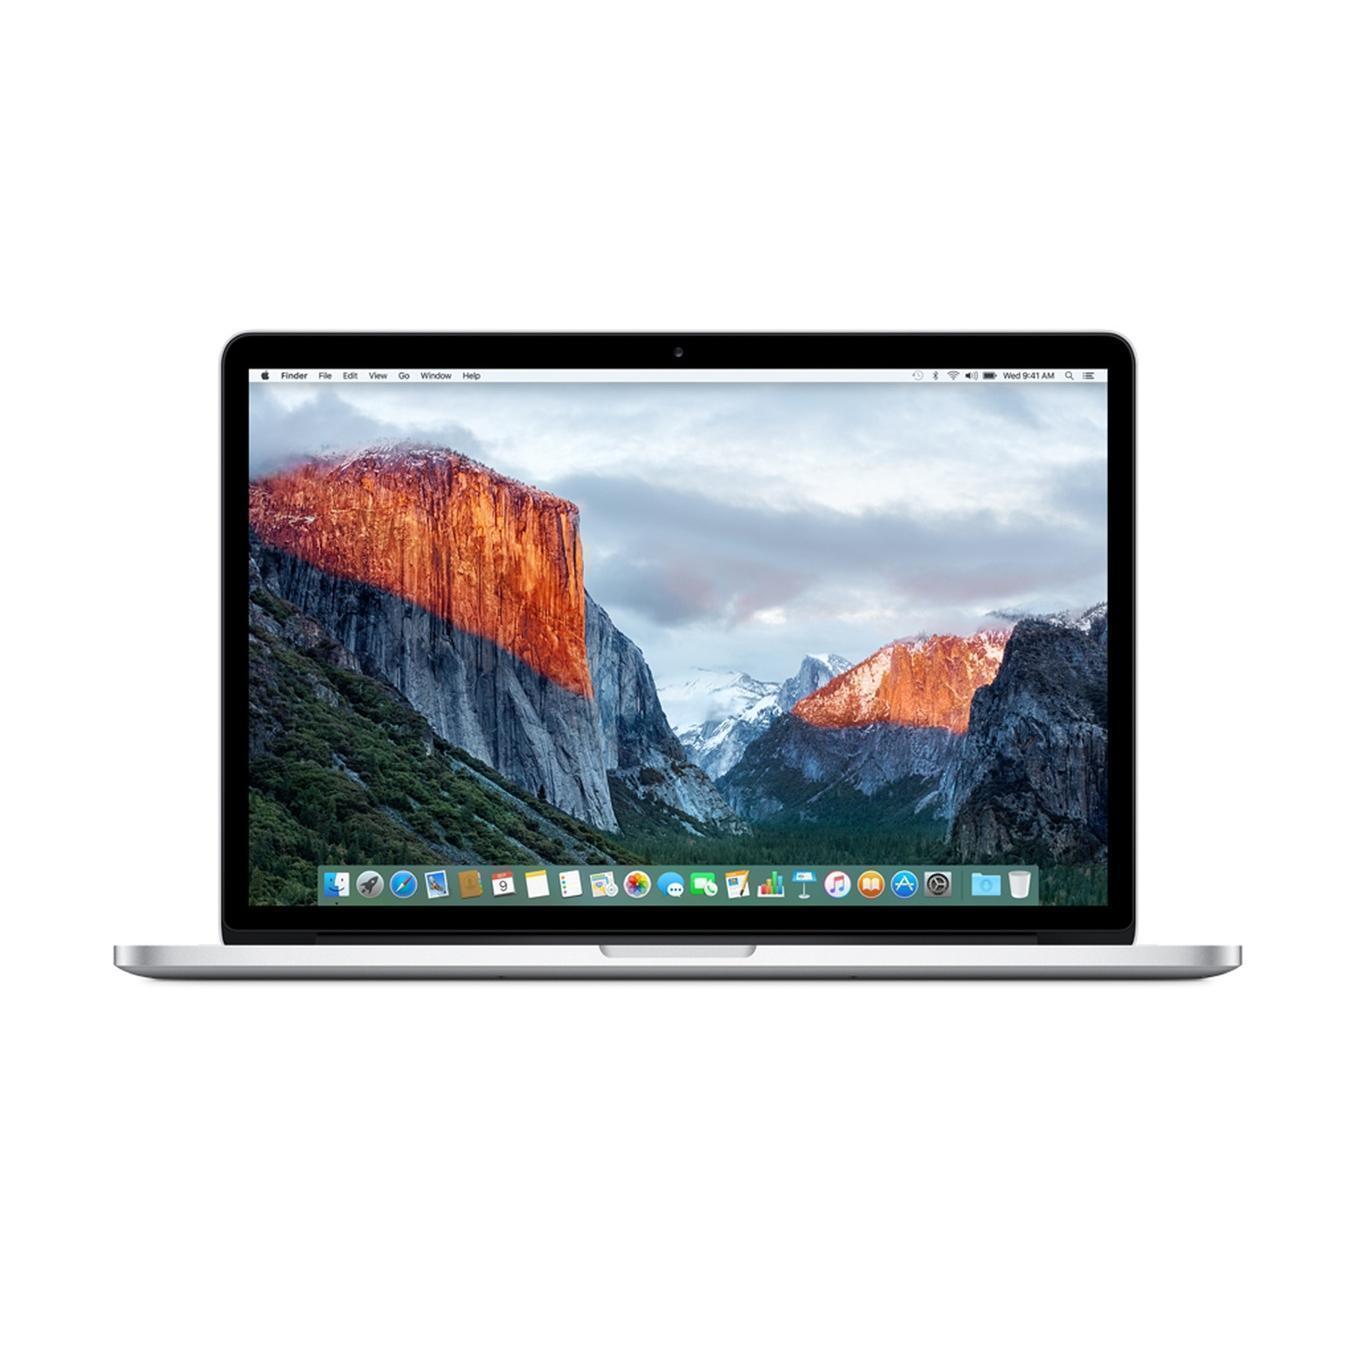 MacBook Pro Retina 15,4-tum (2012) - Core i7 - 16GB - SSD 500 GB QWERTY - Spanska